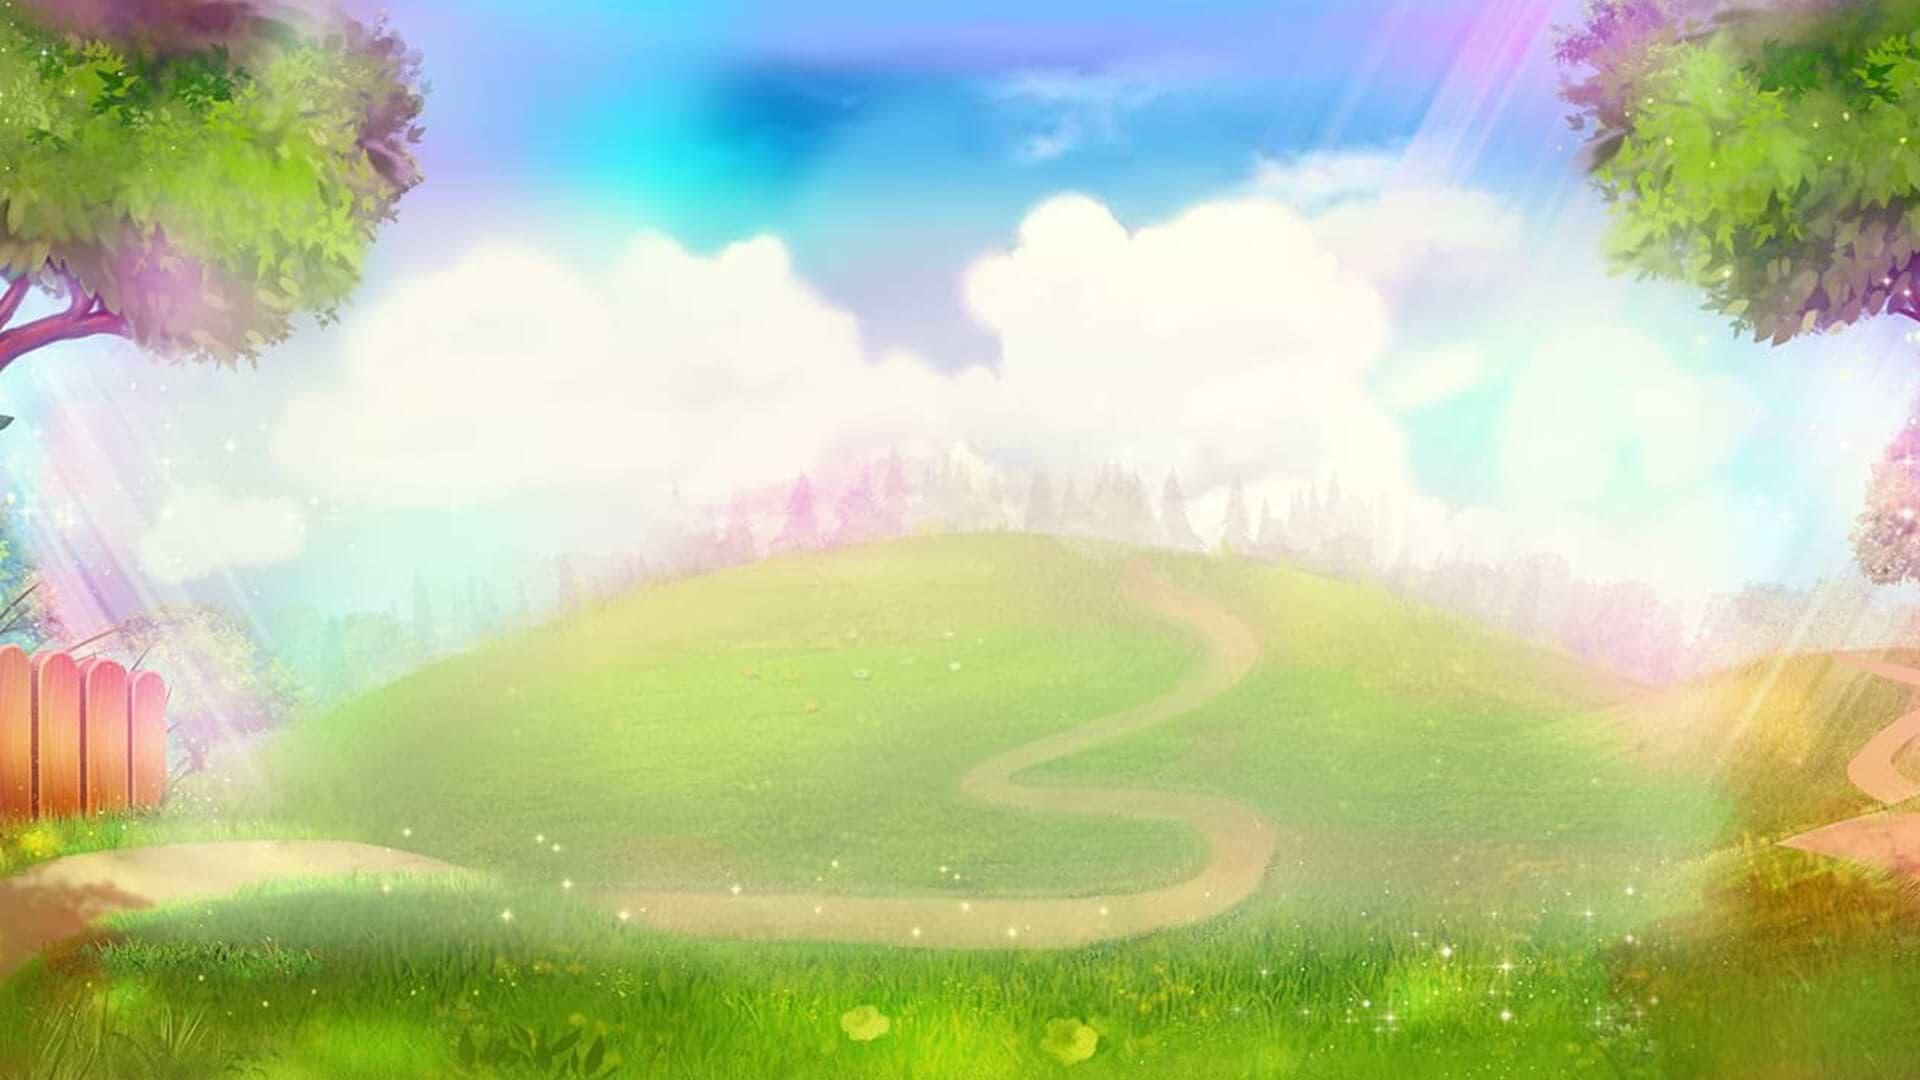 Hintergrund mit hoher Auflösung Lucky Easter